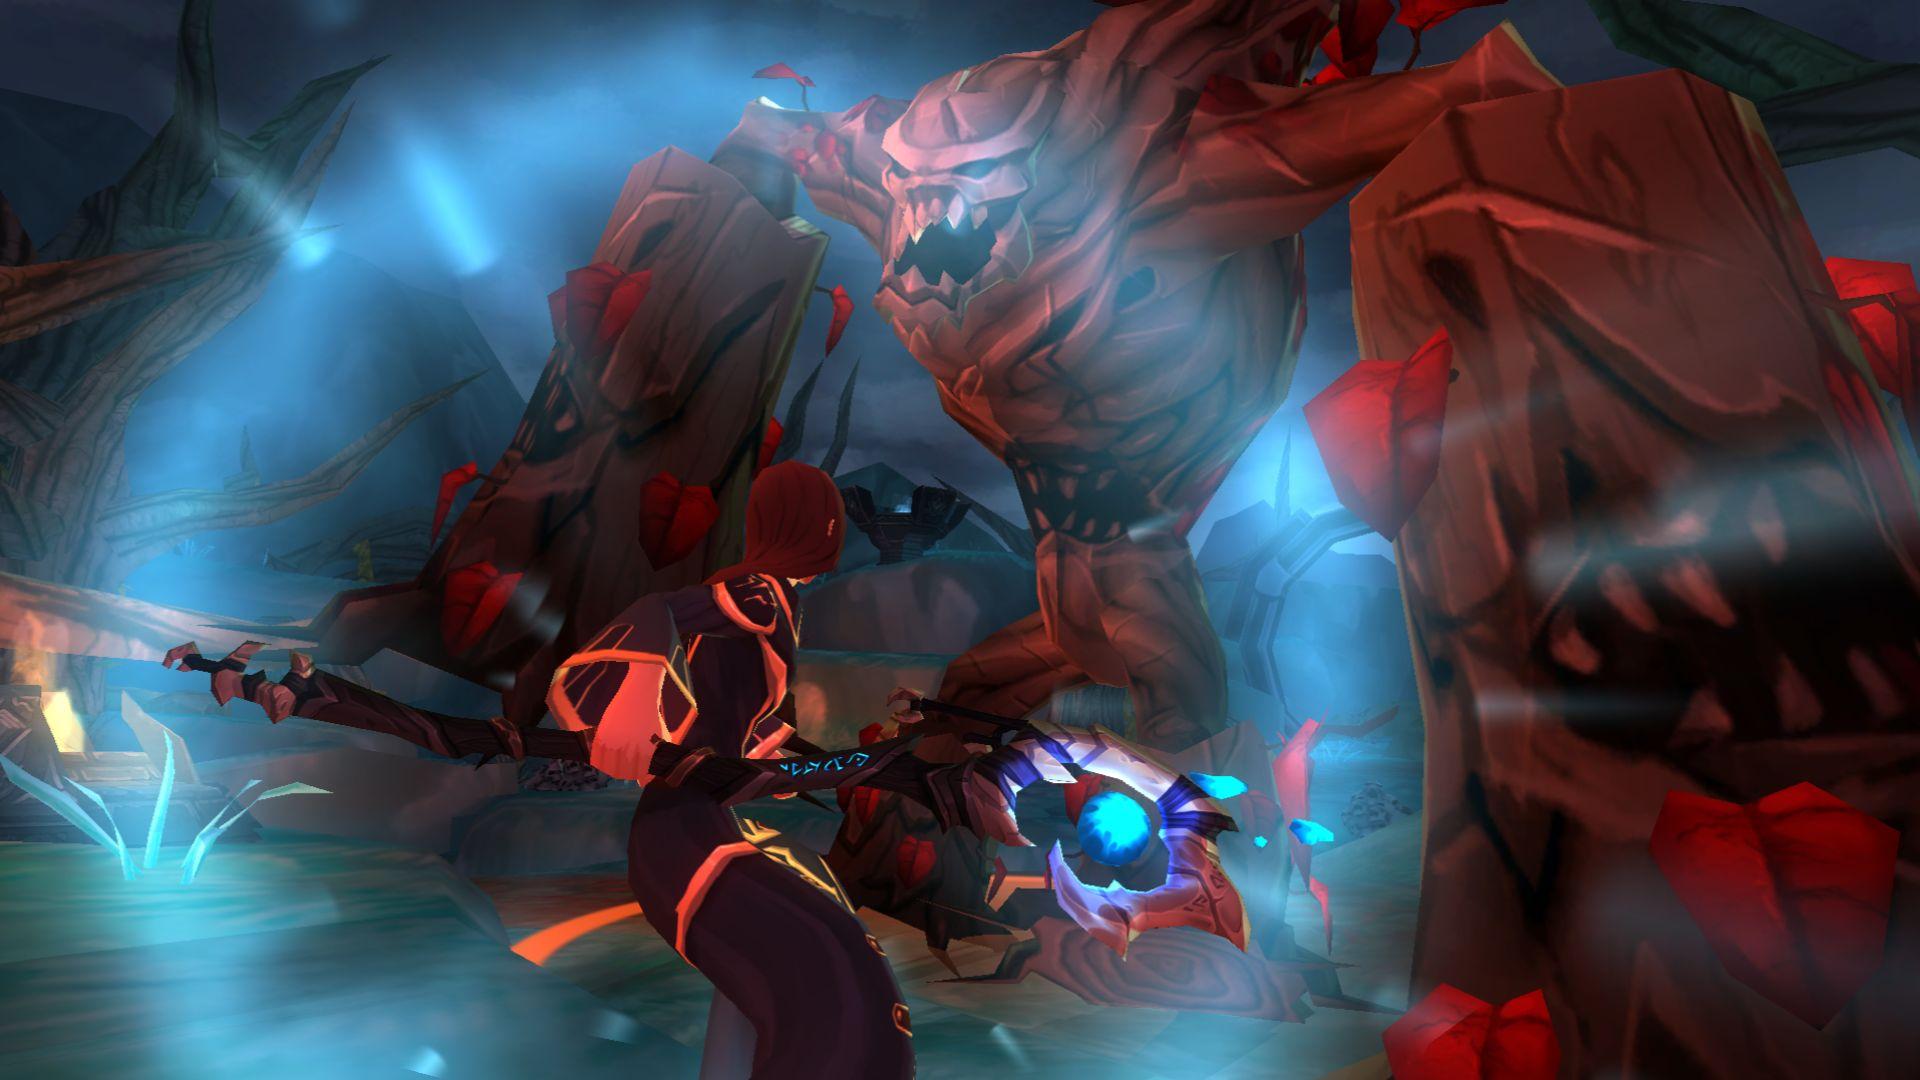 Screenshots - Adventure Quest 3D, Cross Platform MMORPG